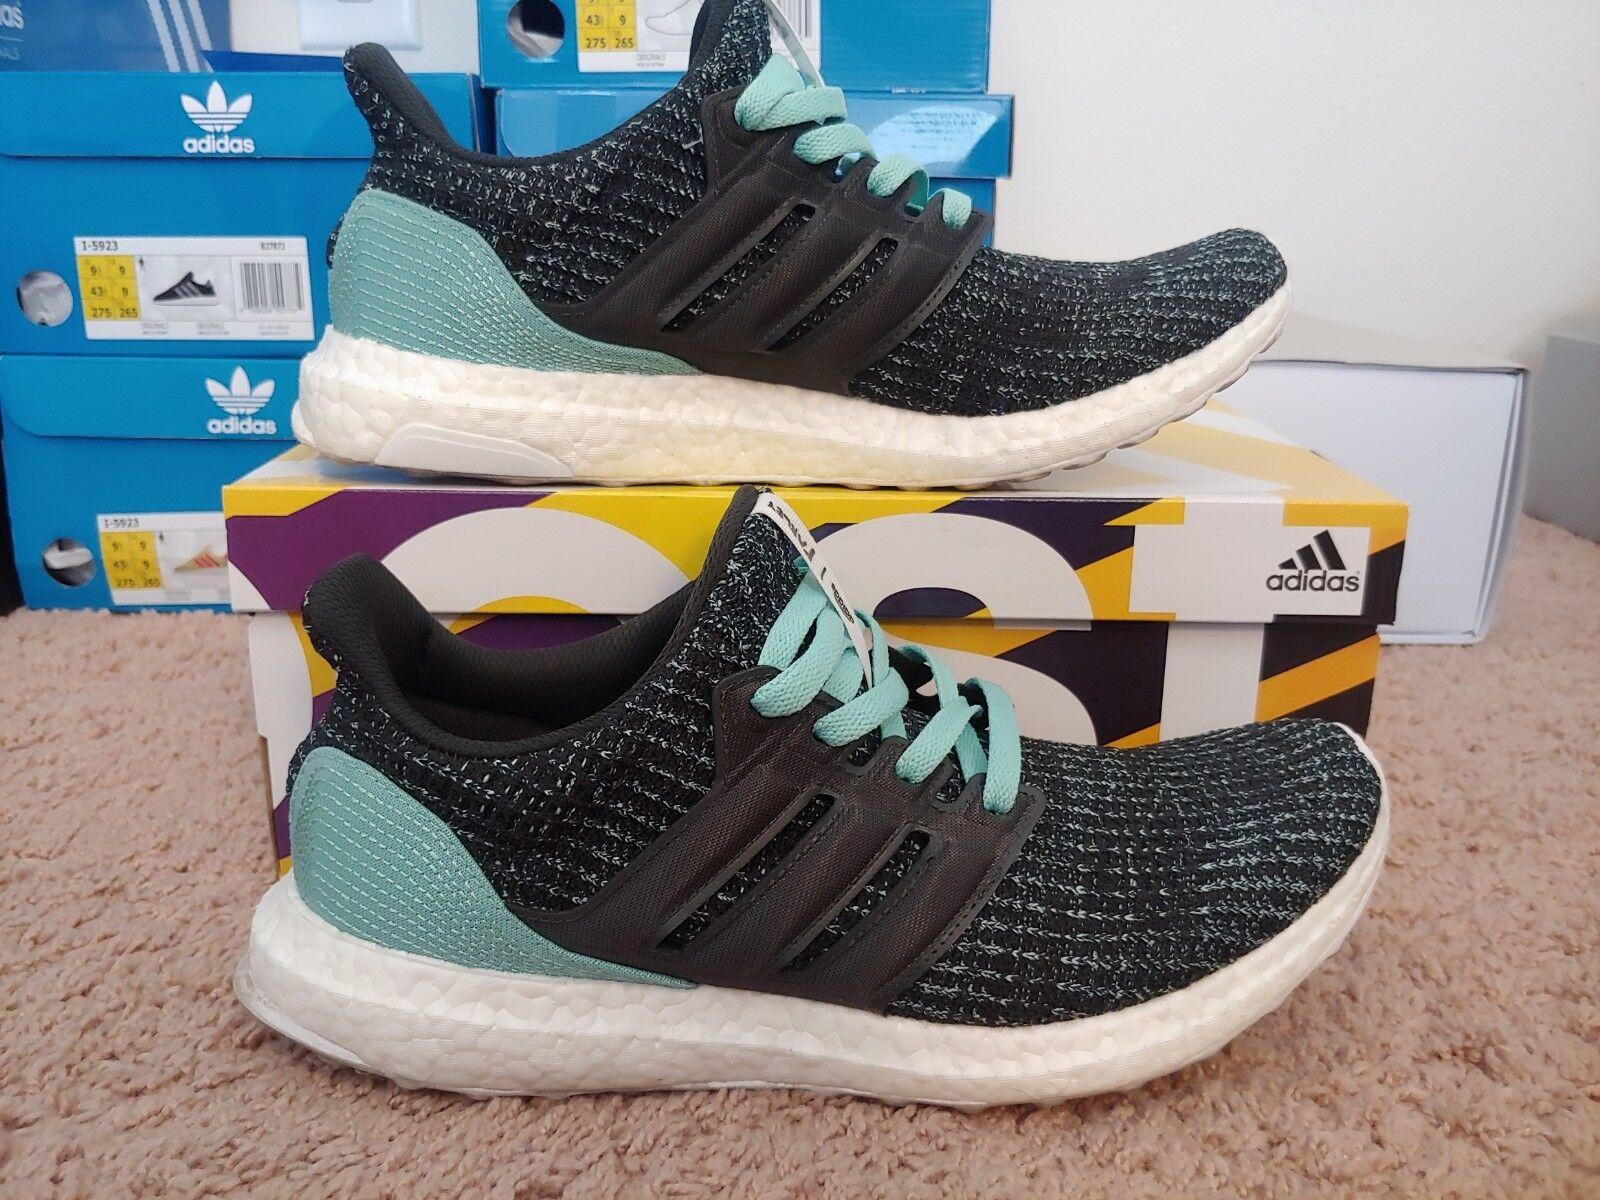 f1df2afffb6c4 Adidas Ultra 4.0 Parley Carbon bluee Spirit 9.5 cg3673 Boost men  nzqjke8483-Athletic Shoes